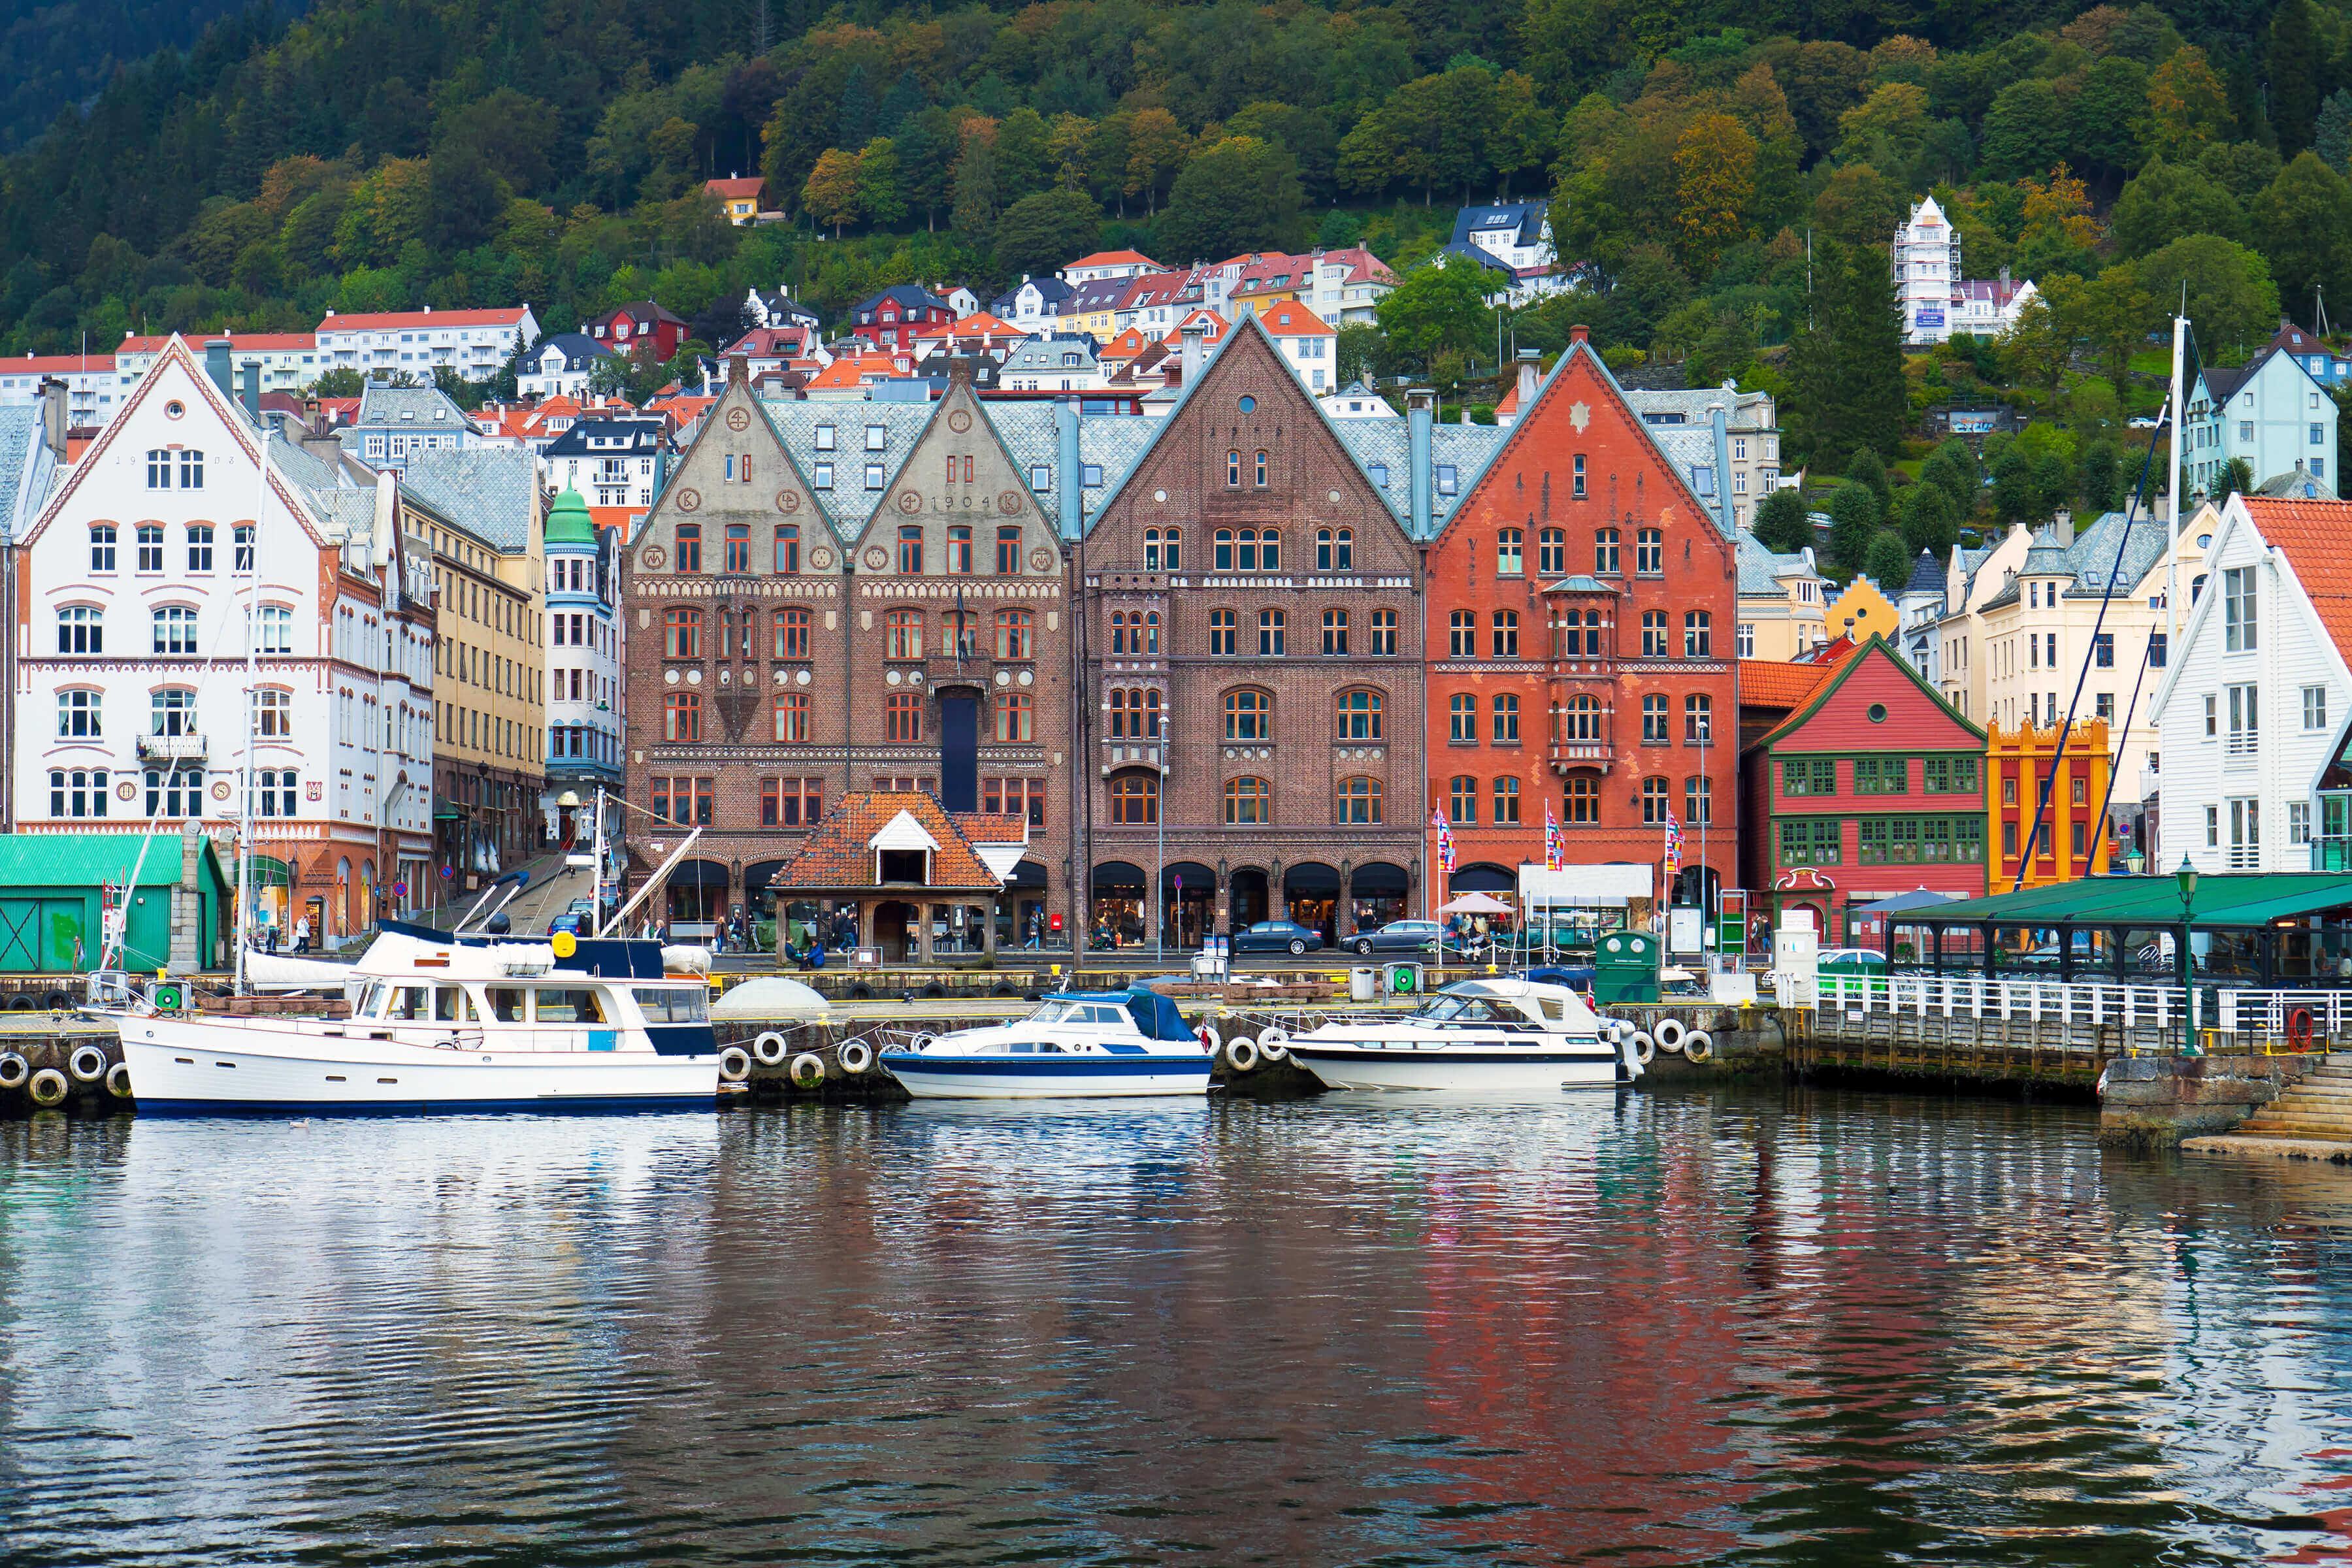 6 טיול 8 ימים לנורבגיה והפיורדים - מפלסטורסטרפוסן, רכבל בסטרנדה ועוד